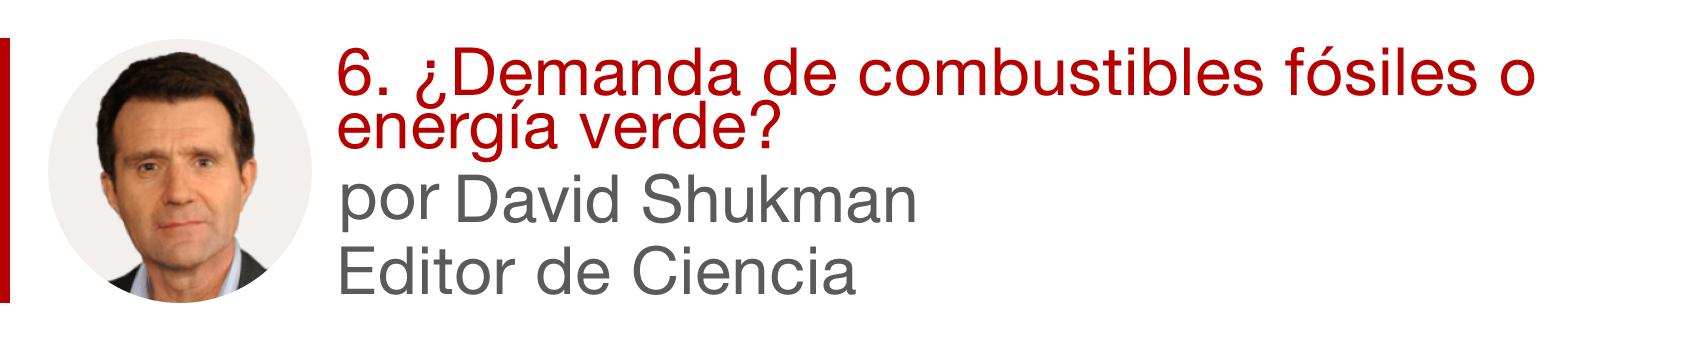 Etiqueta Shukman